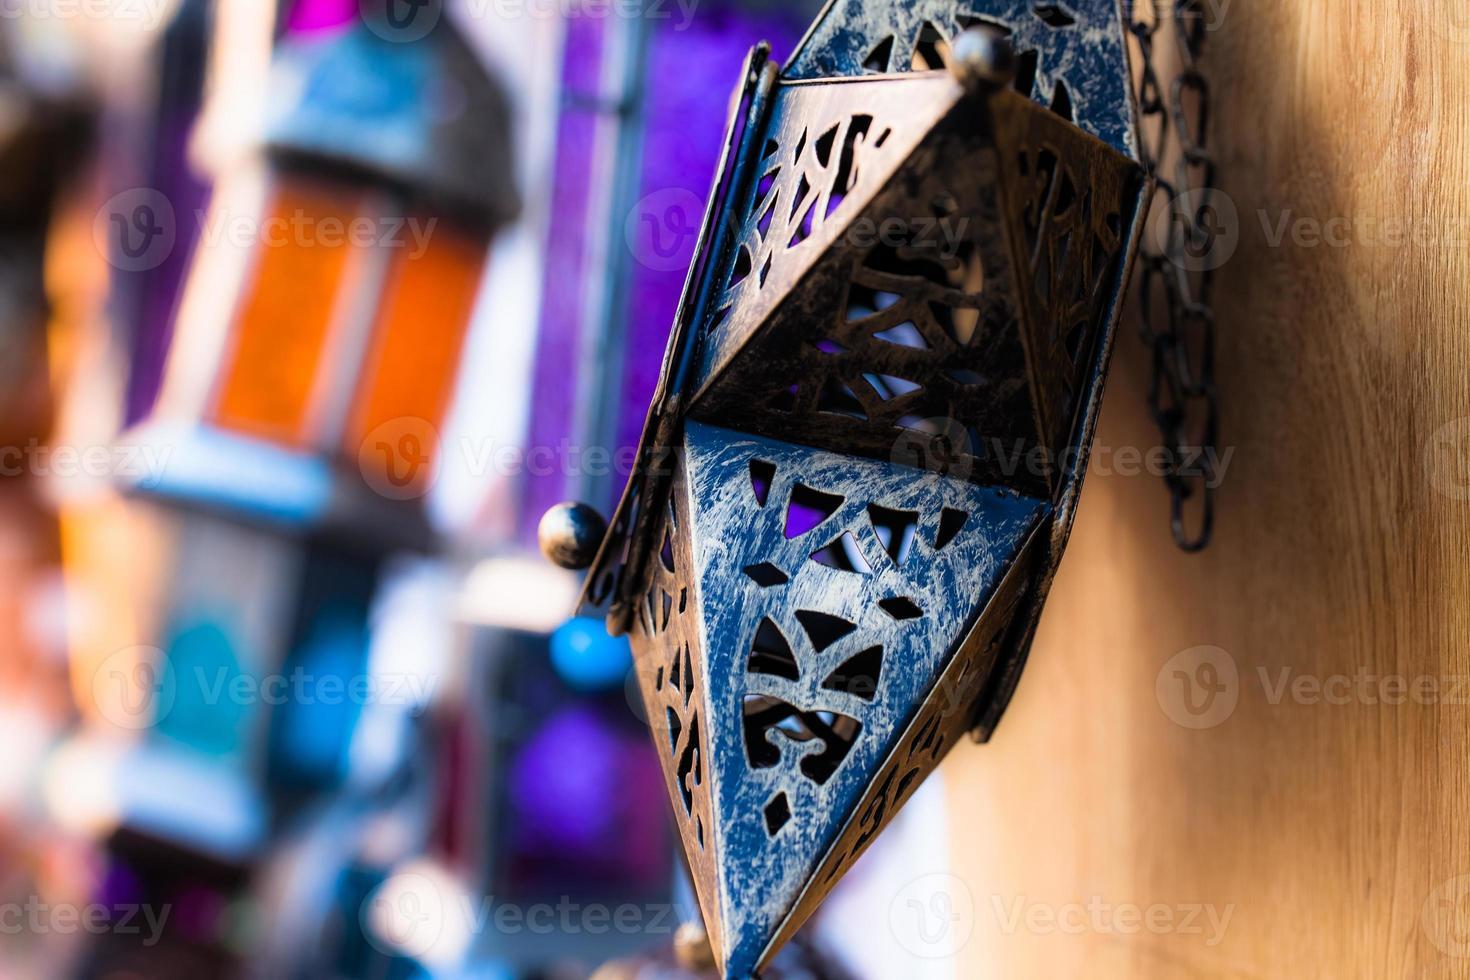 marokkanische Glas- und Metalllaternenlampen im Marrakesch-Souq foto